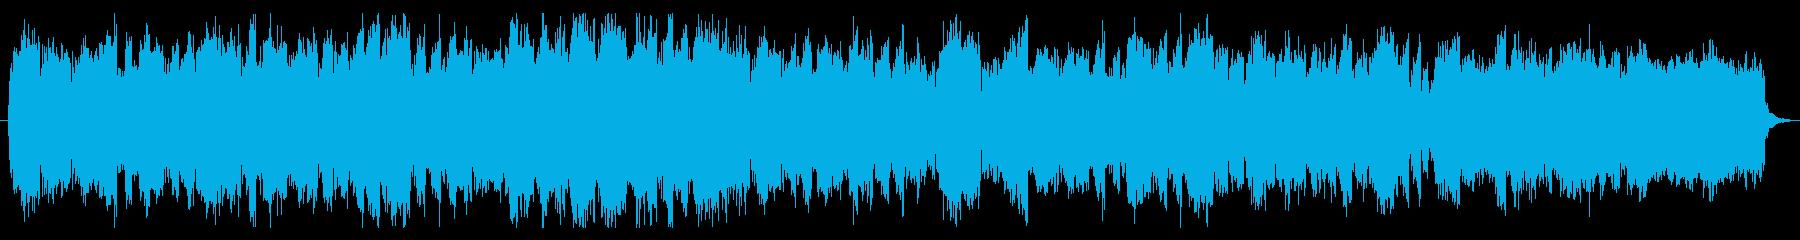 教会をイメージしたストリングスの曲の再生済みの波形